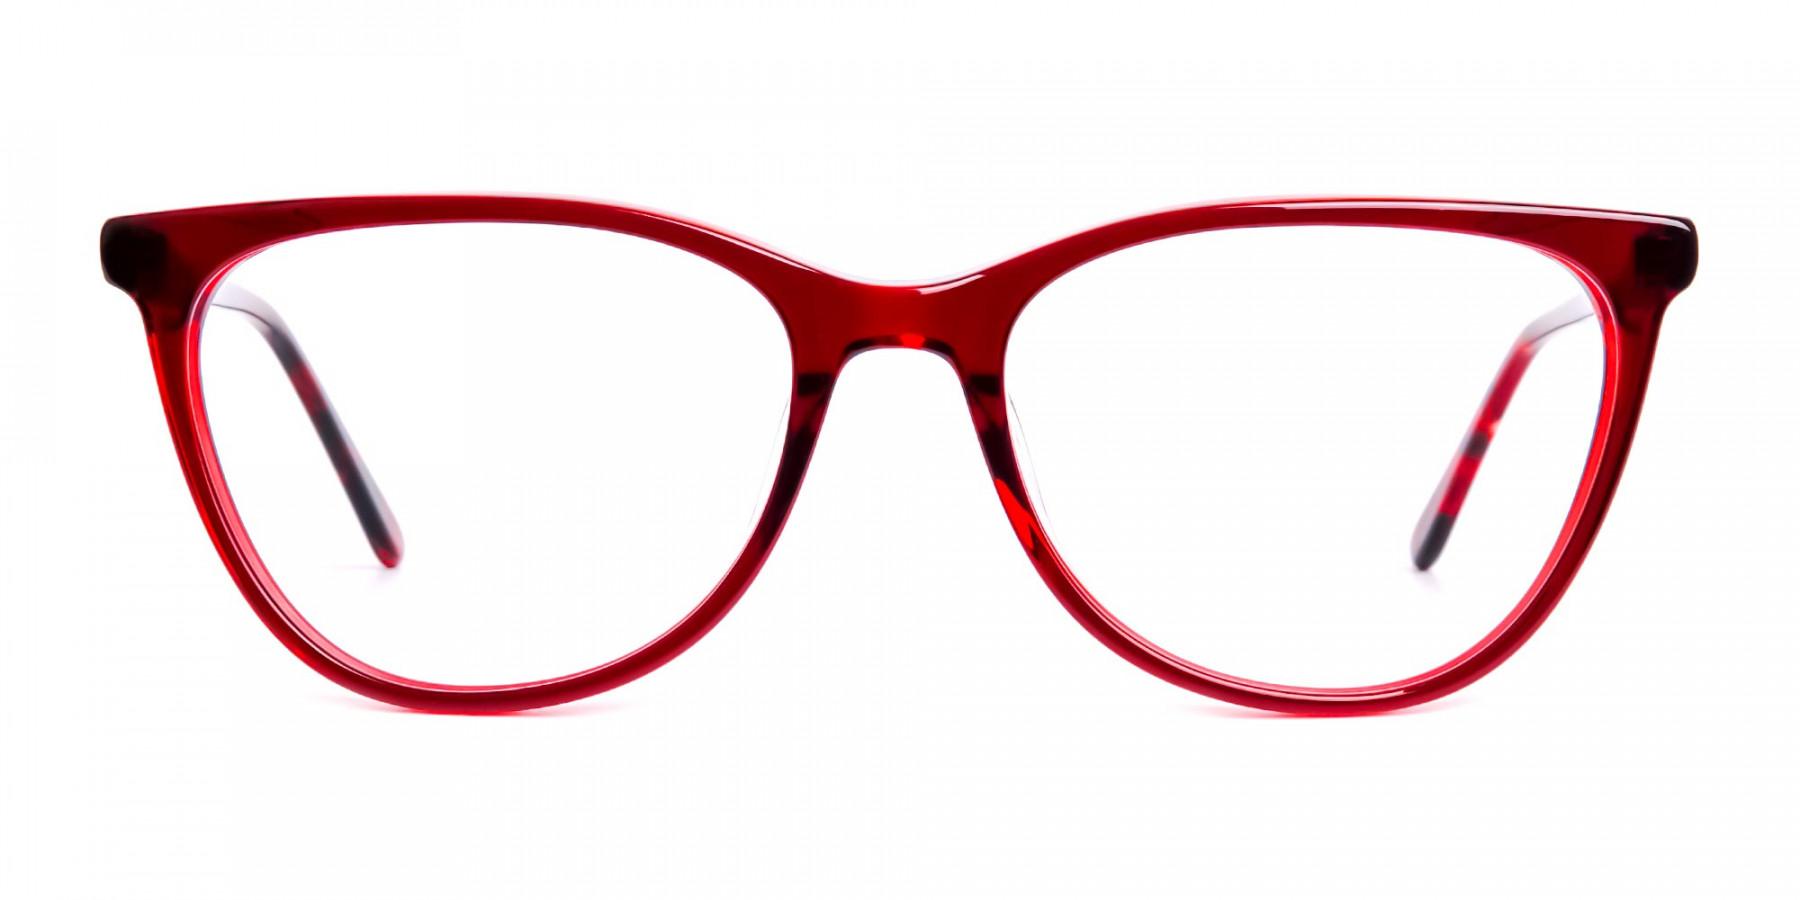 wine-red-cat-eye-glasses-frames-1